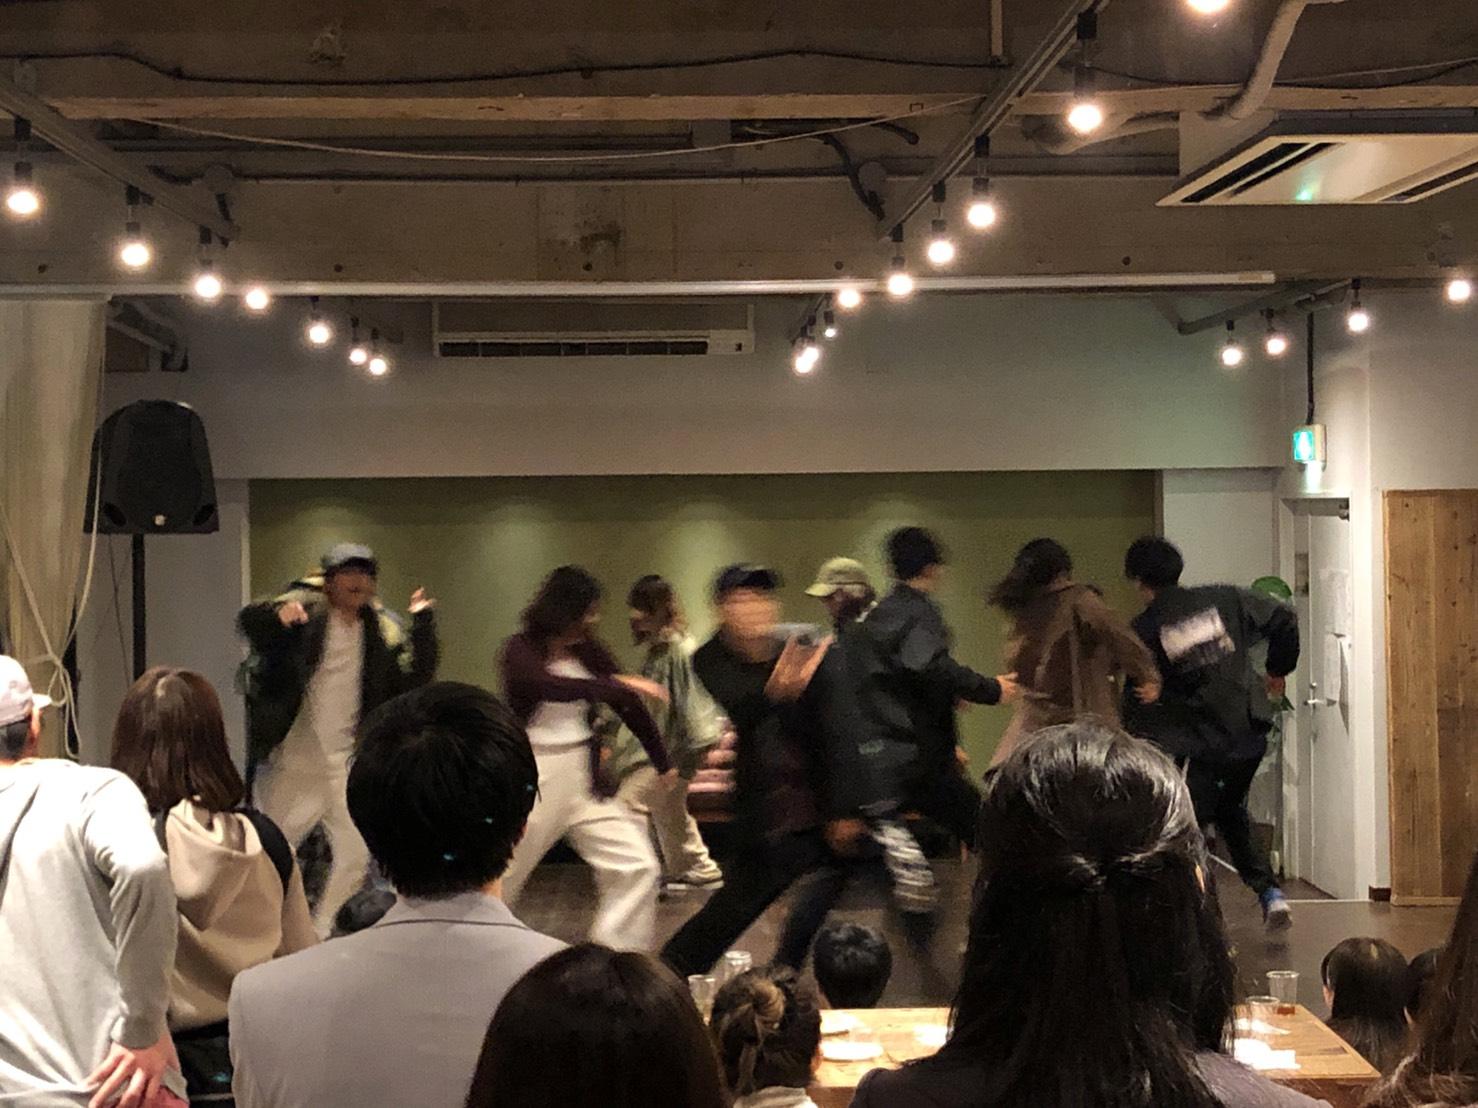 ダンスOKなレンタルスペース!ダンス部OB会@Mace千駄ヶ谷|TIME SHARING|タイムシェアリング|スペースマネジメント|あどばる|adval|SHARING